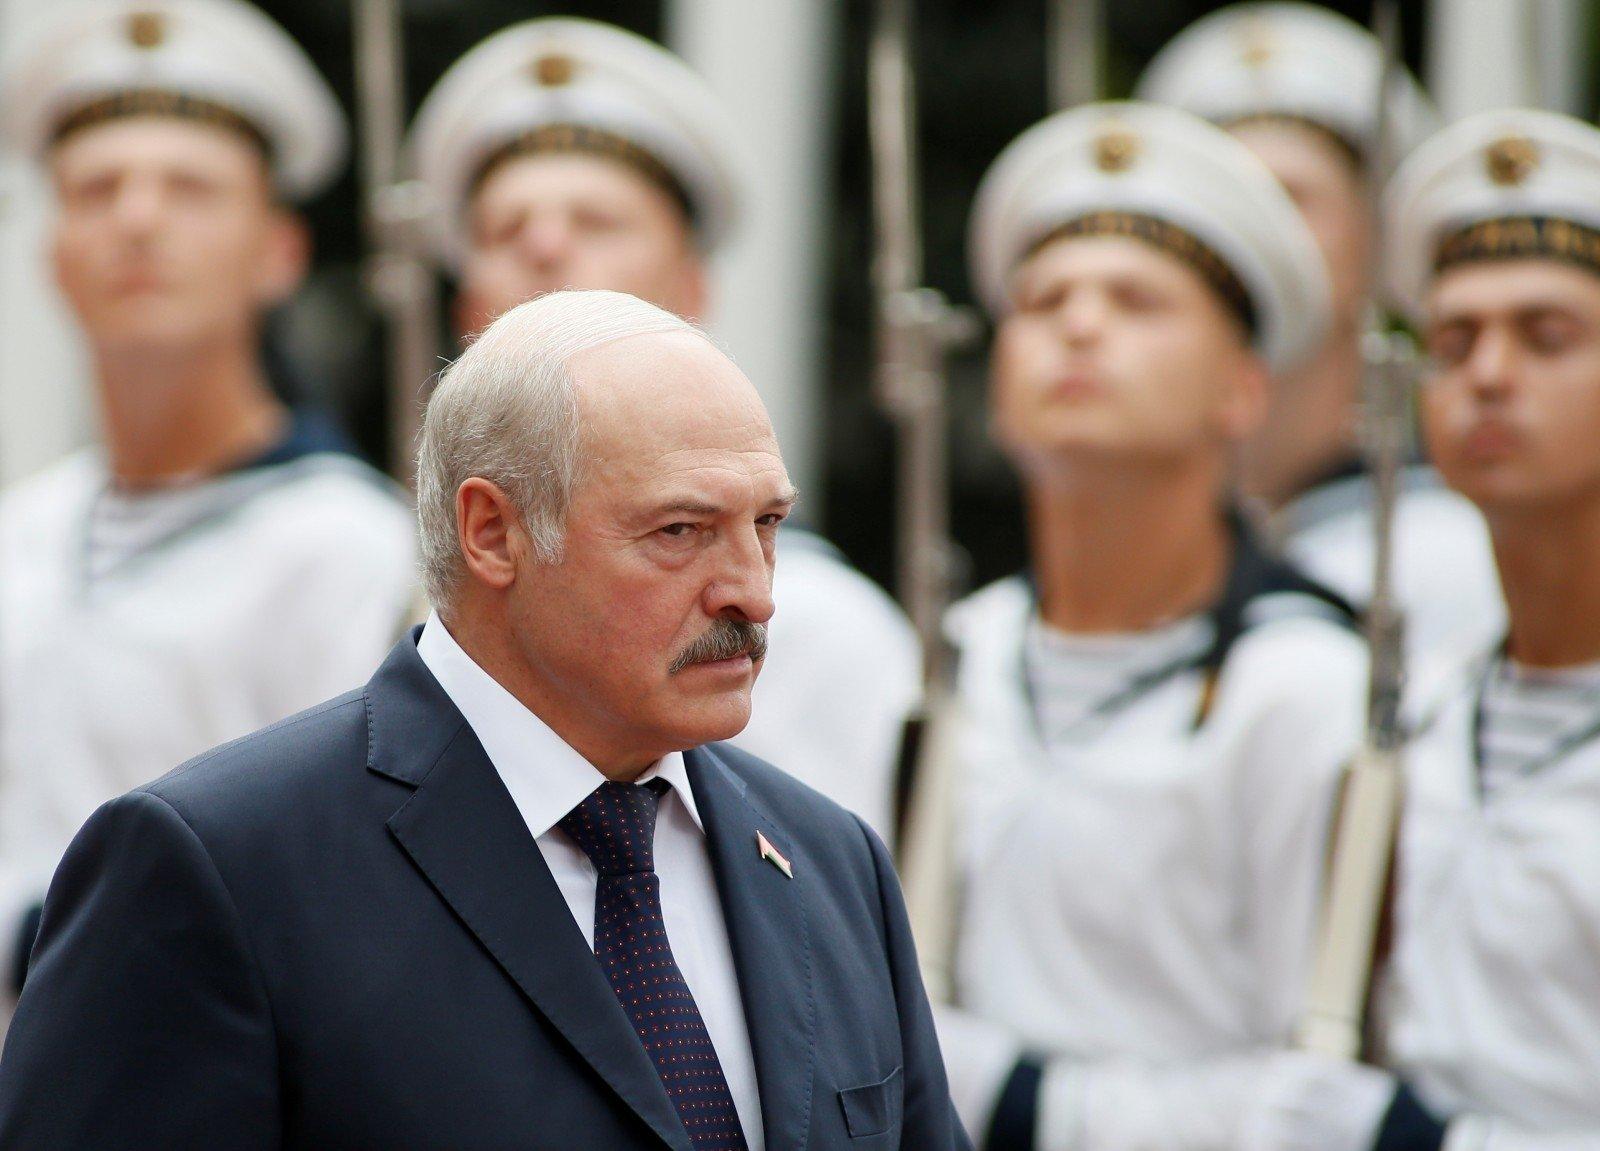 Руководитель Республики Беларусь поручил устранить разногласия сРФ в таможенной сфере